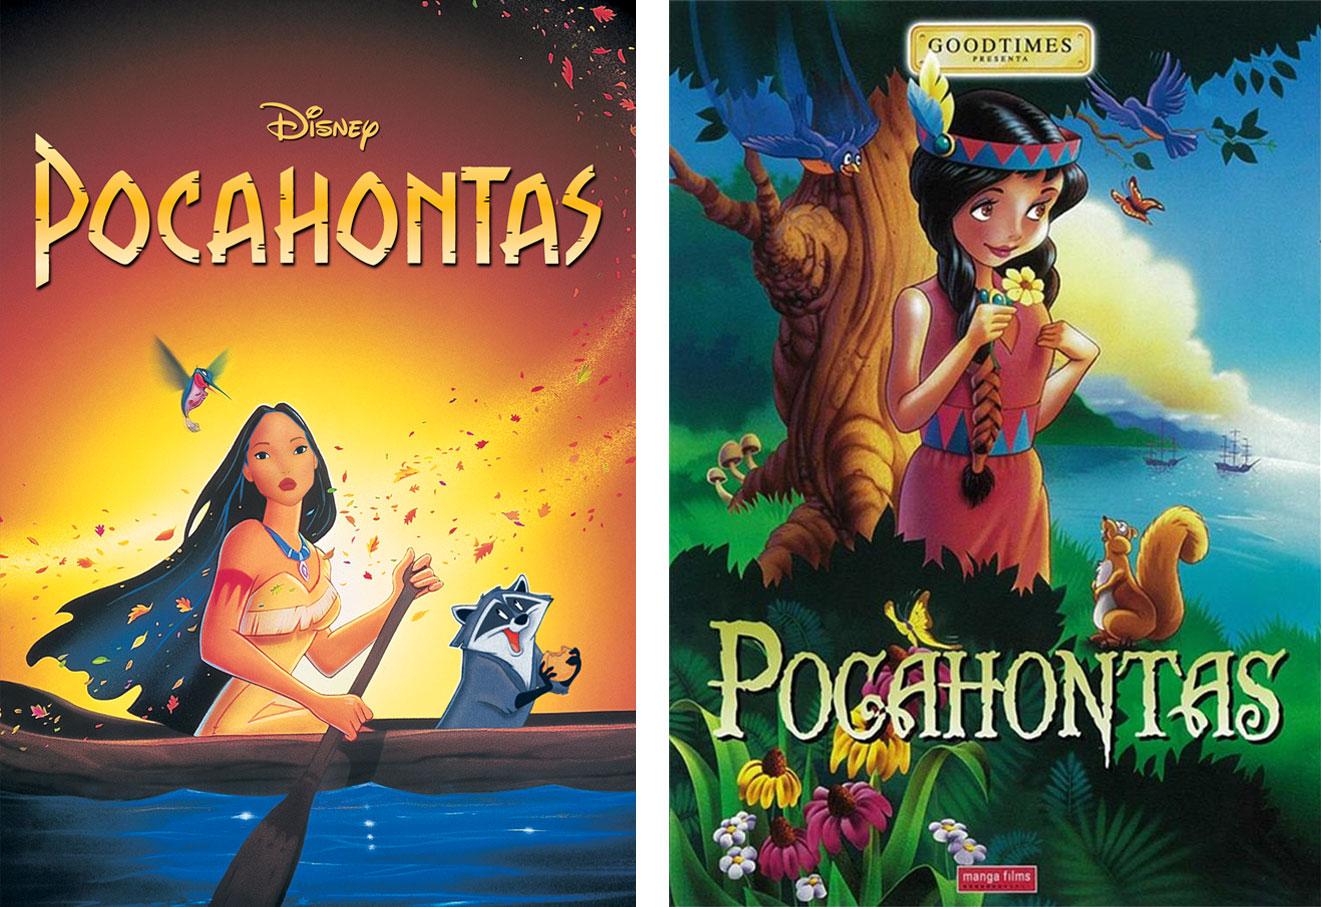 Algunos abuelos regalaron a sus nietos el DVD de un 'Pocahontas' que no tenía nada que ver con el de Disney. | Imágenes: Disney y Manga Films.